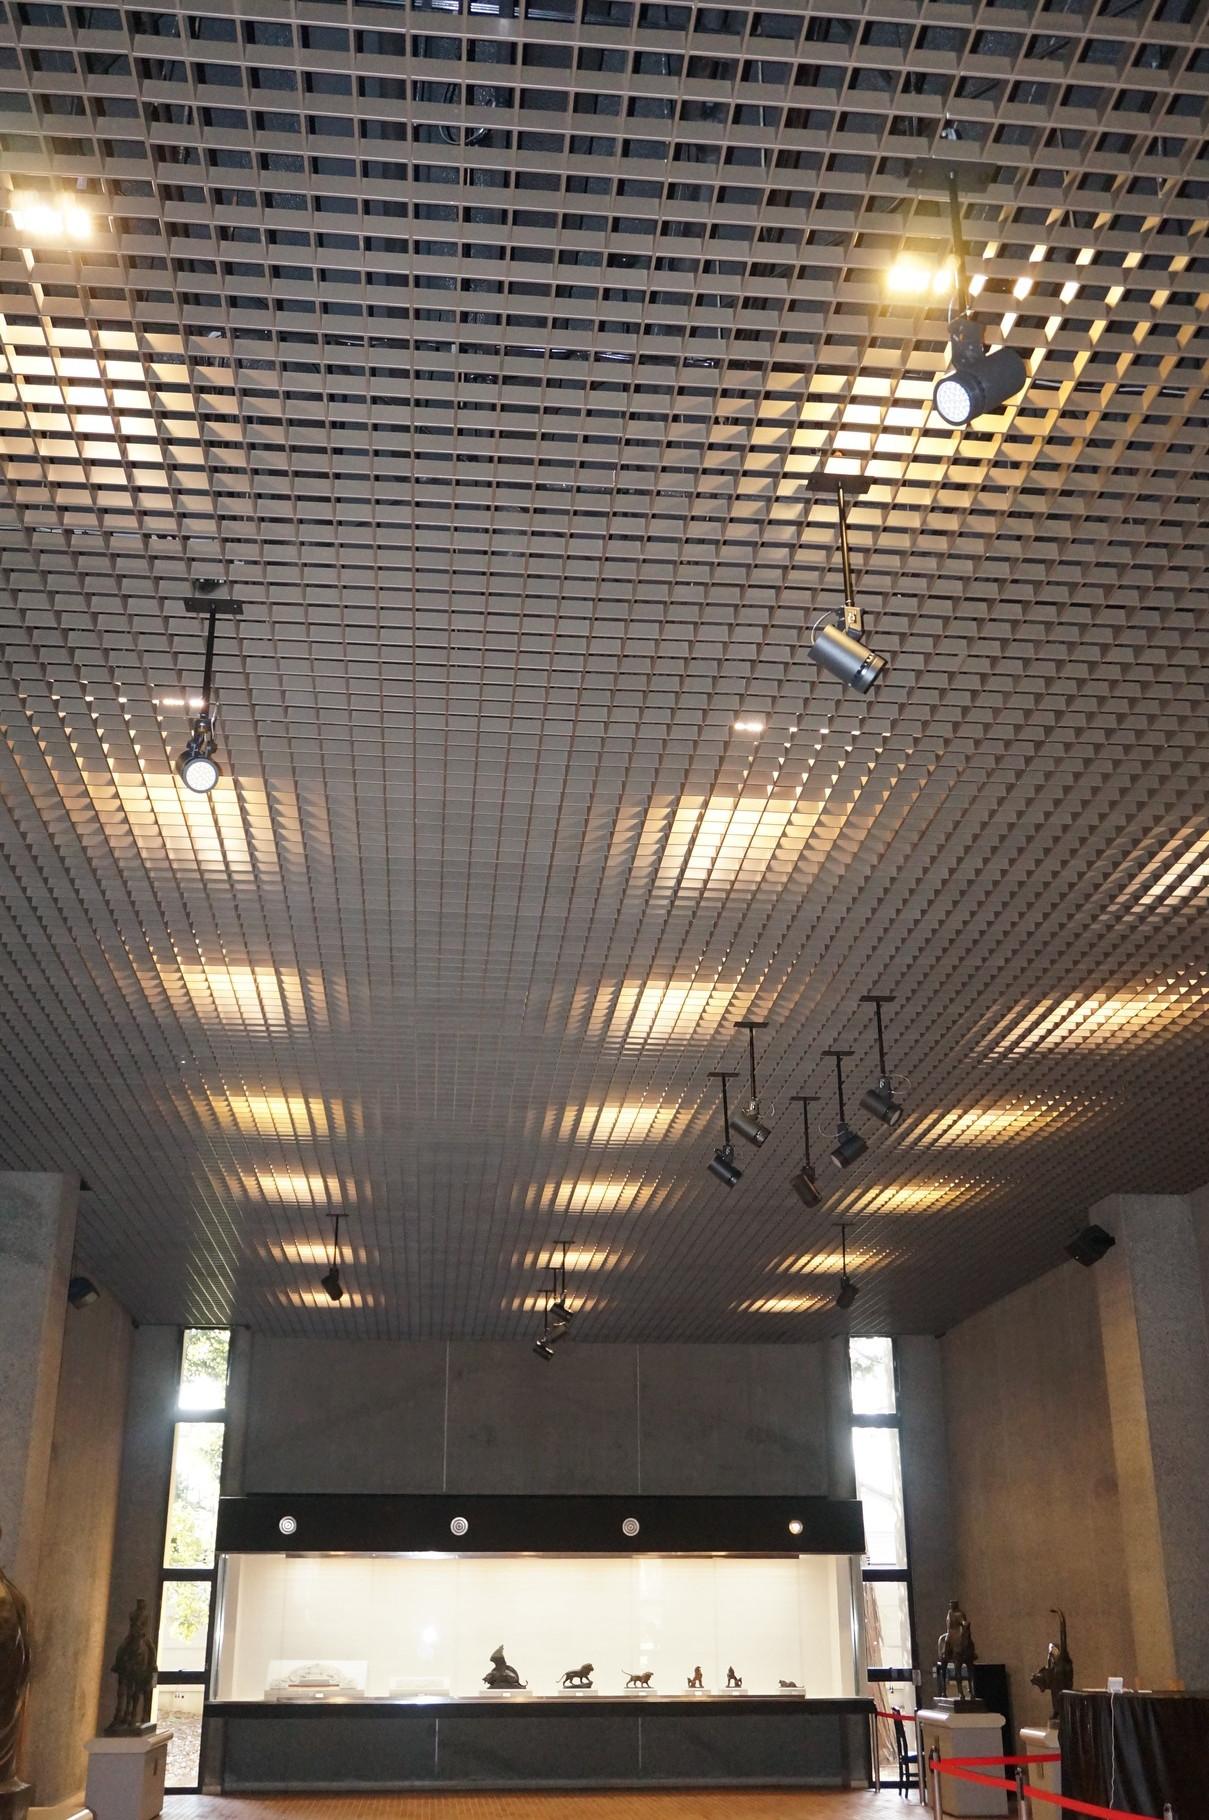 井の頭文化園彫刻館照明リニューアル工事